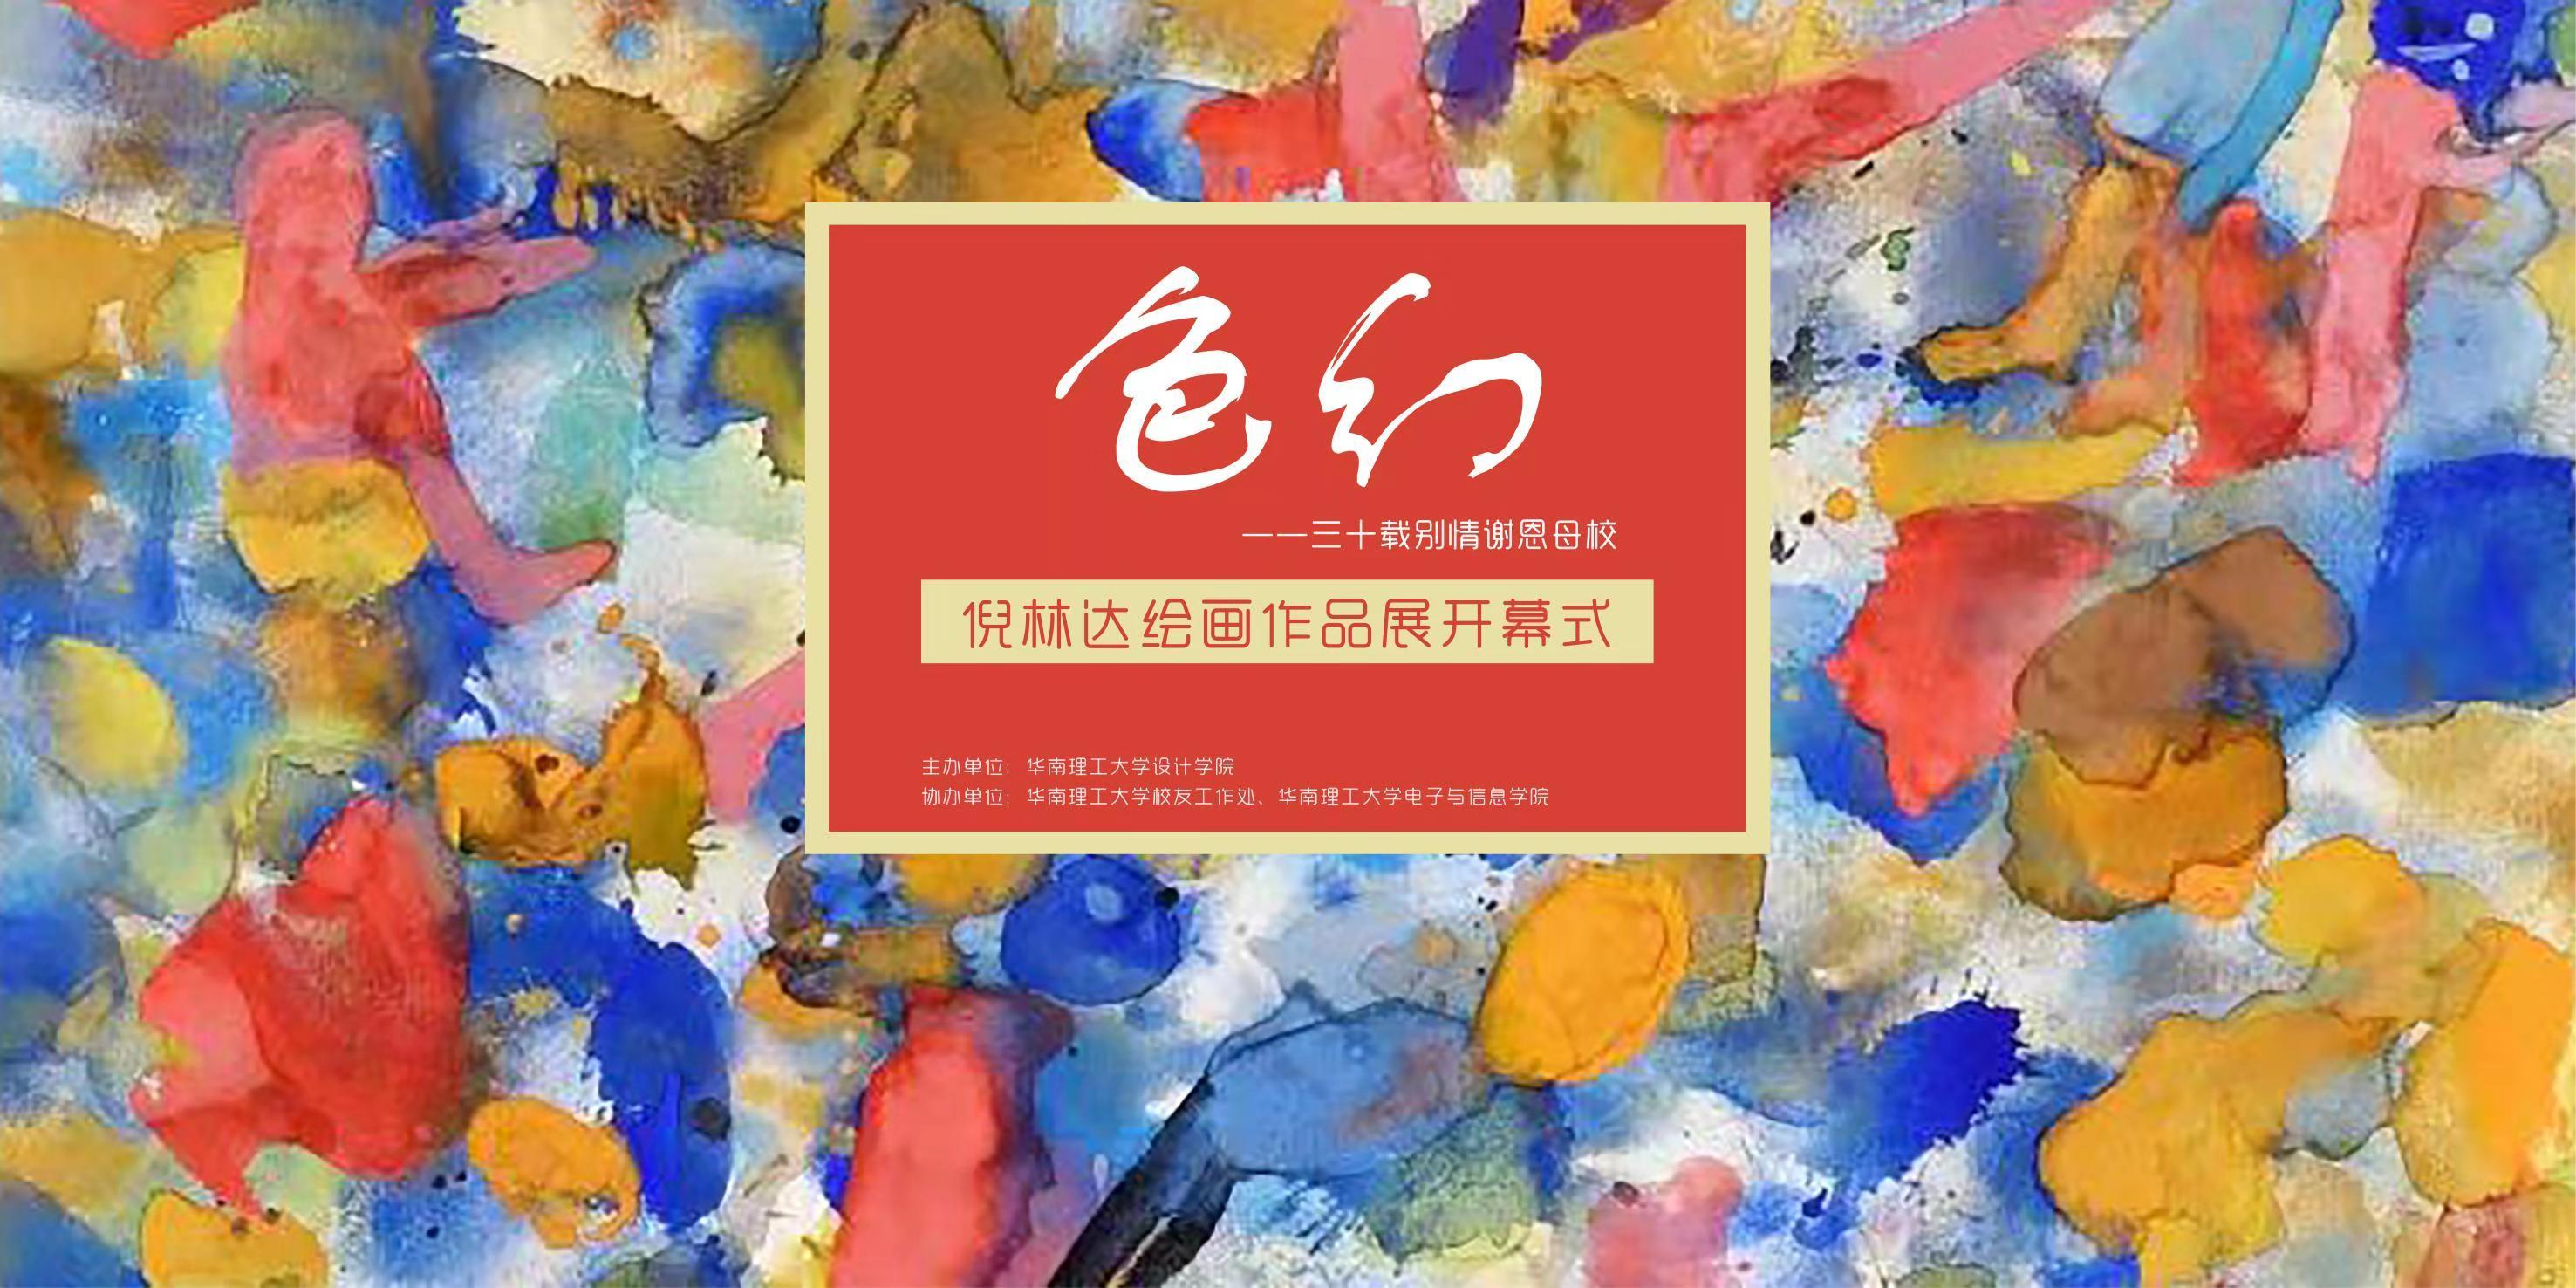 """""""色幻""""三十载别情·谢恩母校倪林达绘画作品展"""